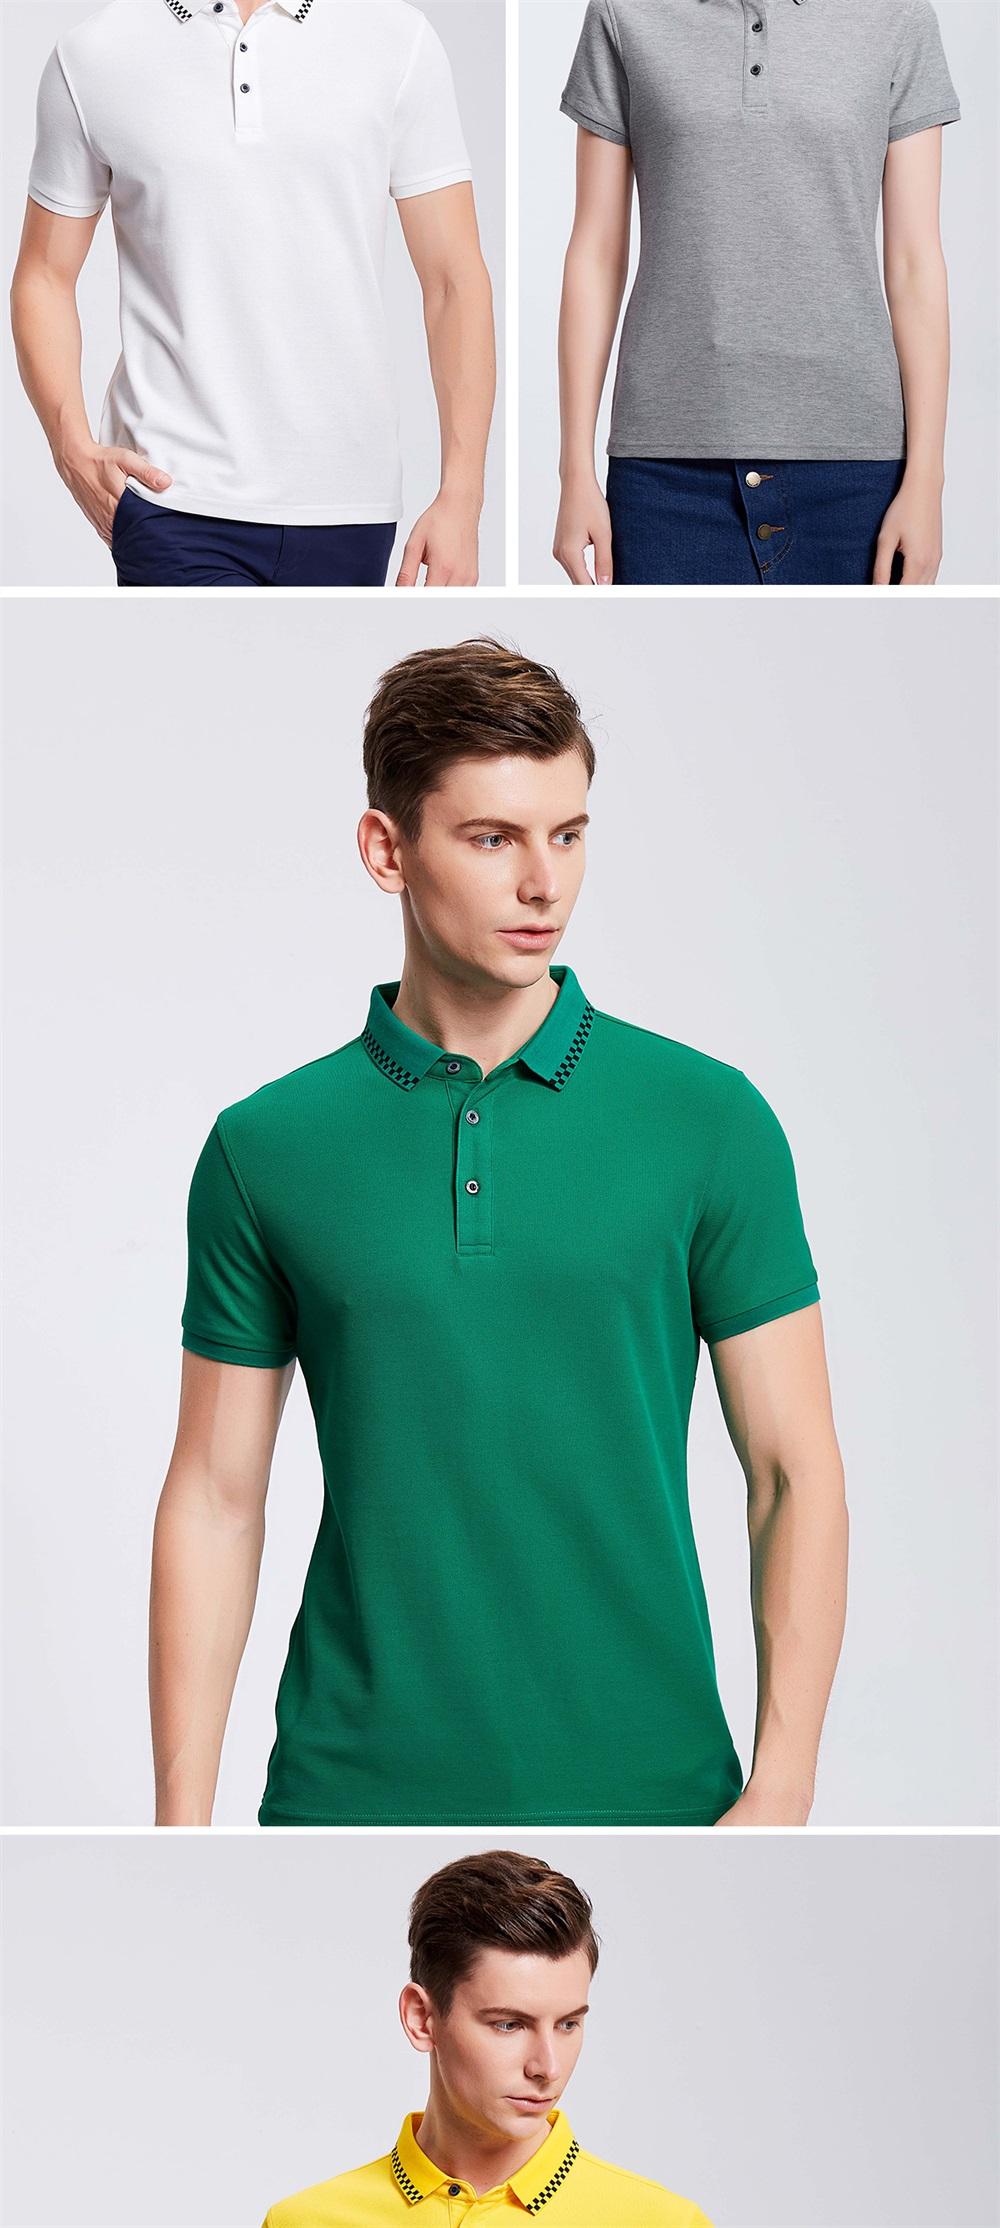 定制优质的polo衫需注意哪些事项